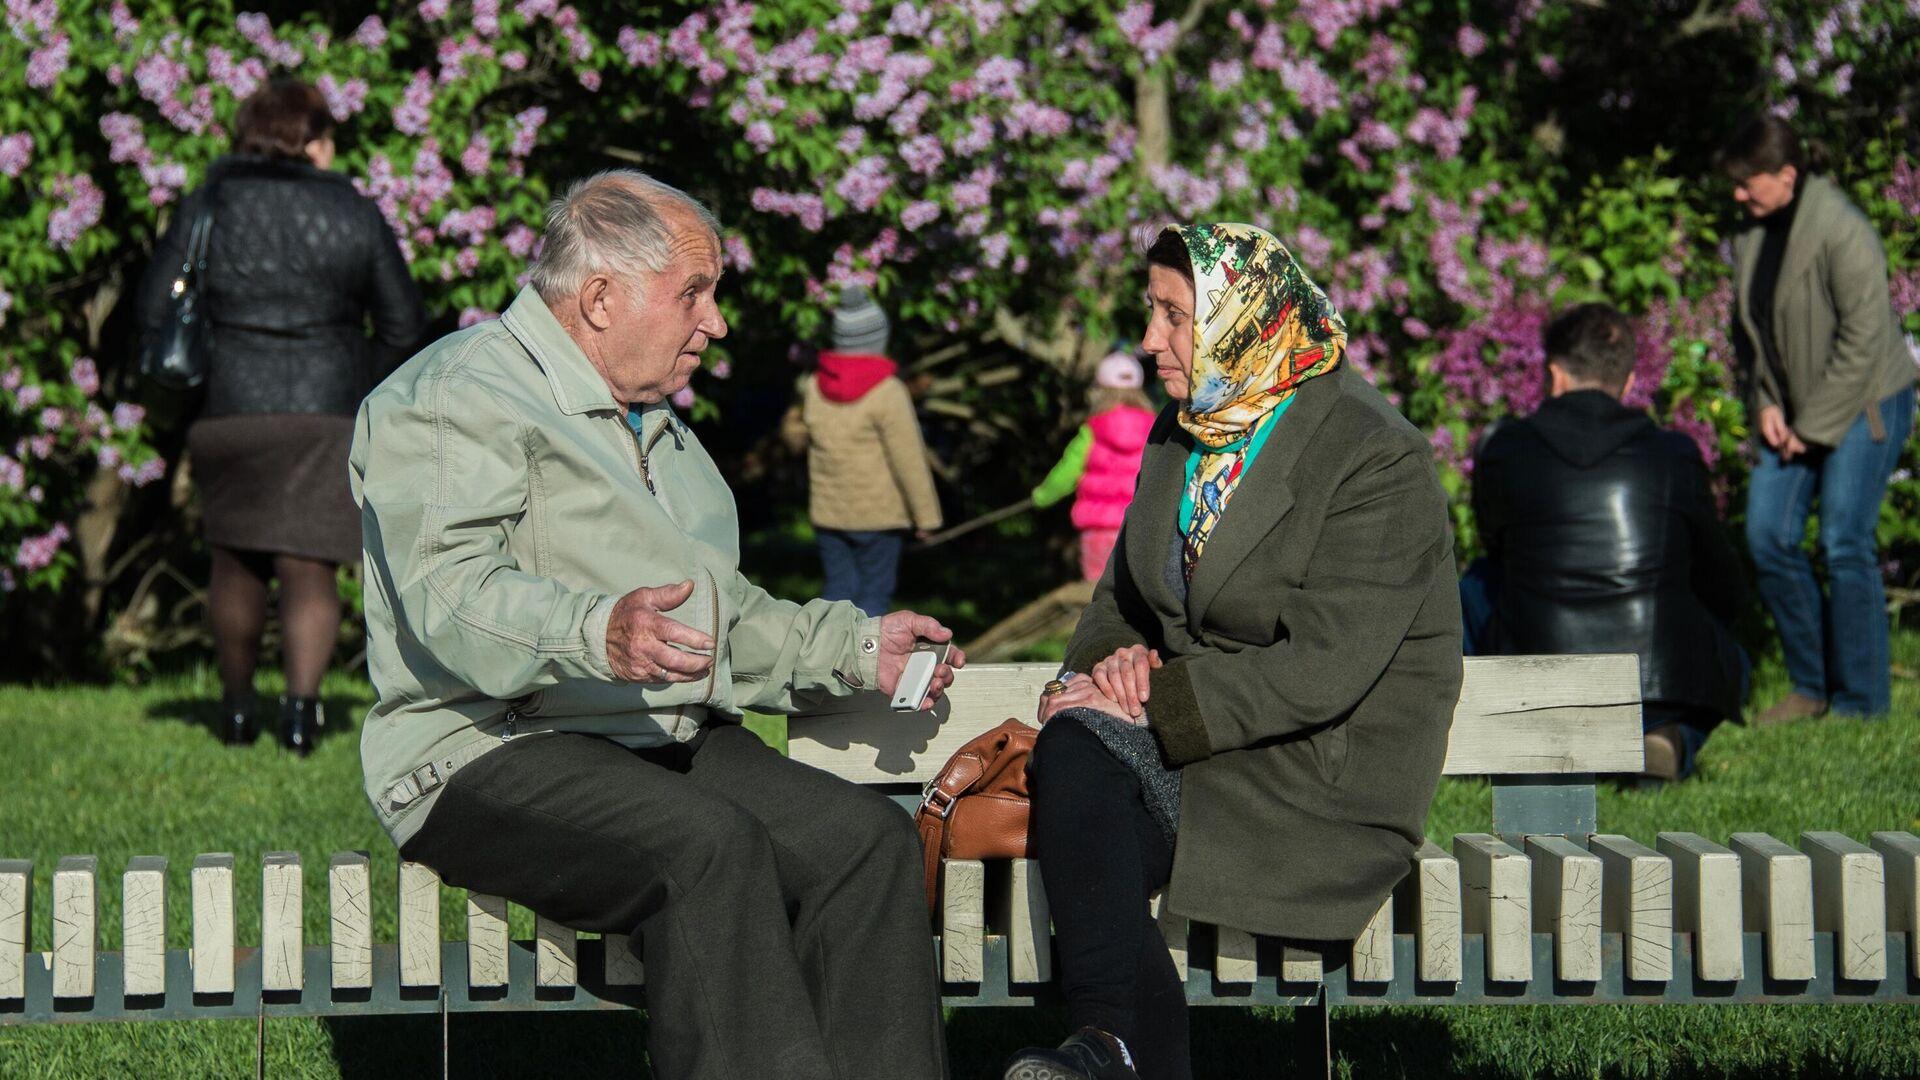 Пожилые люди в Сиреневом саду в Москве - РИА Новости, 1920, 06.04.2021